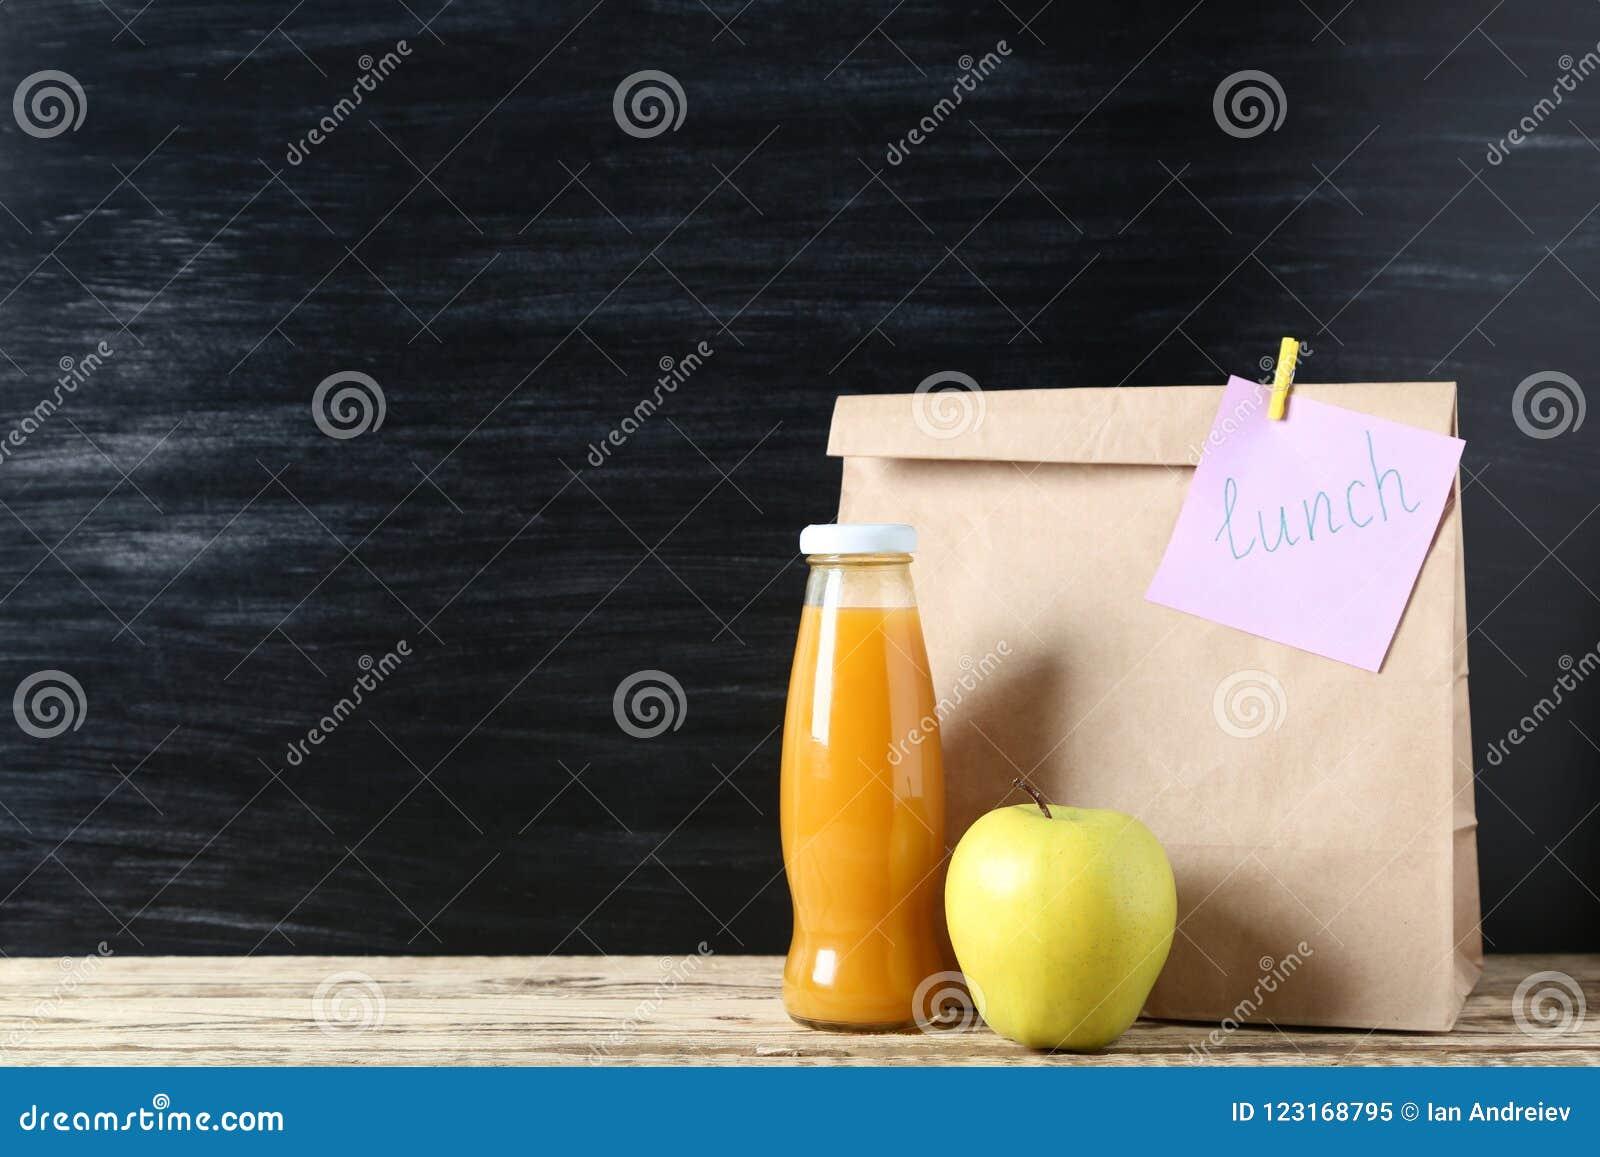 School lunch essay